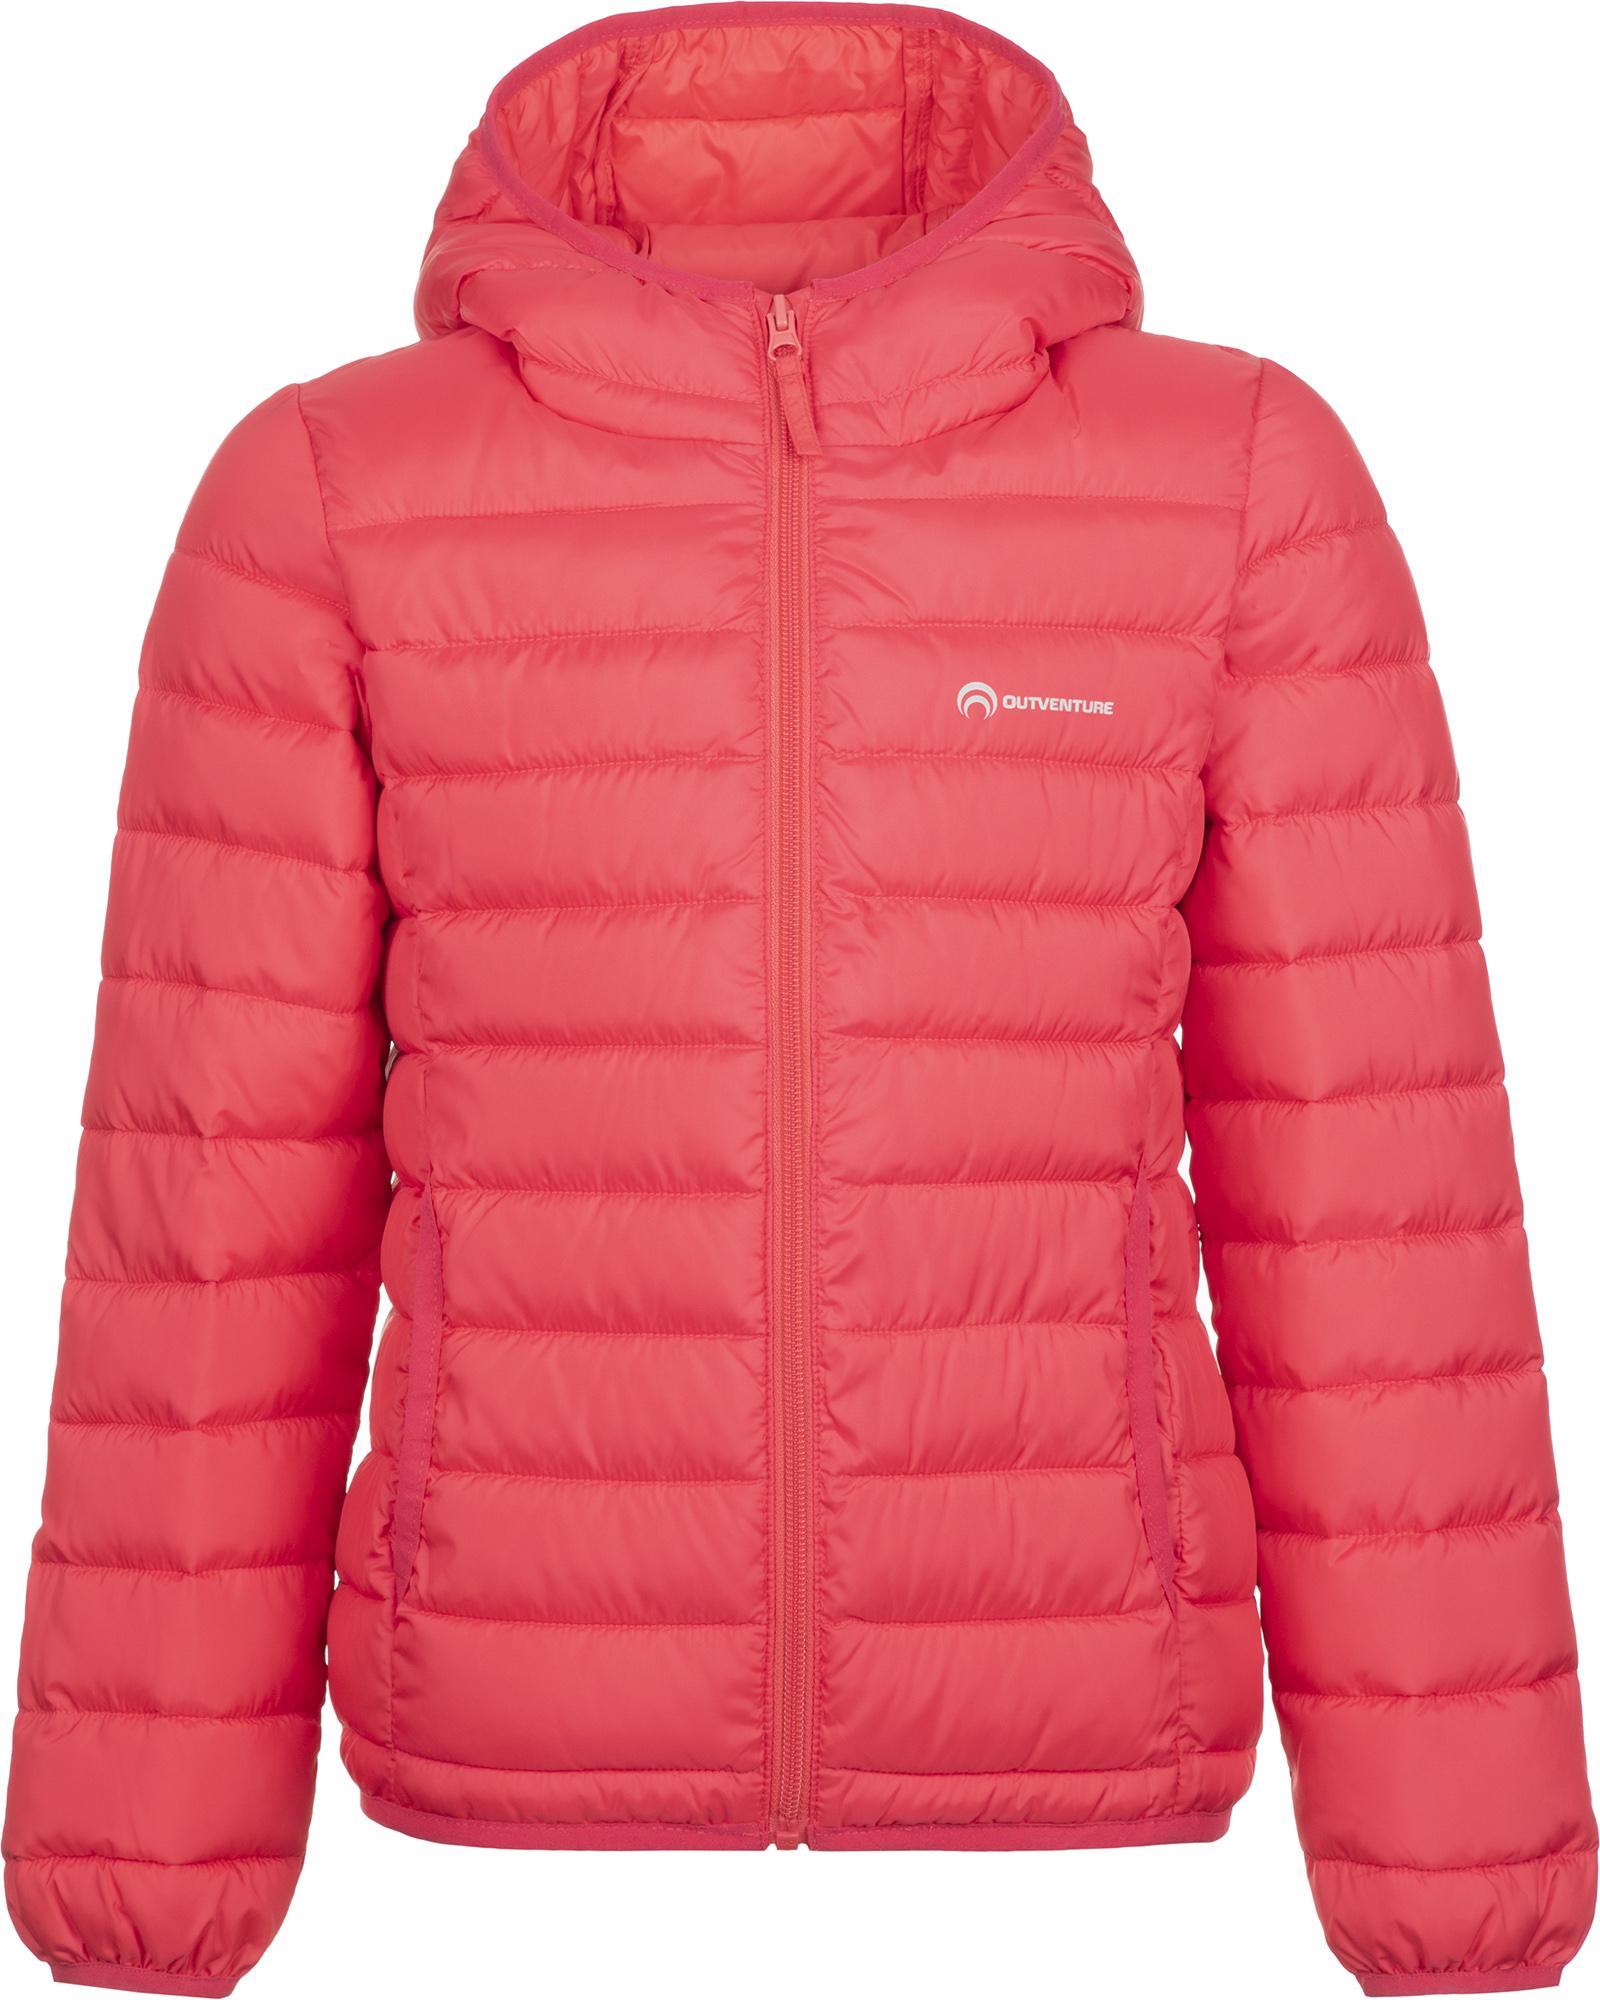 Фото - Outventure Куртка утепленная для девочек Outventure, размер 152 outventure куртка утепленная для девочек outventure размер 134